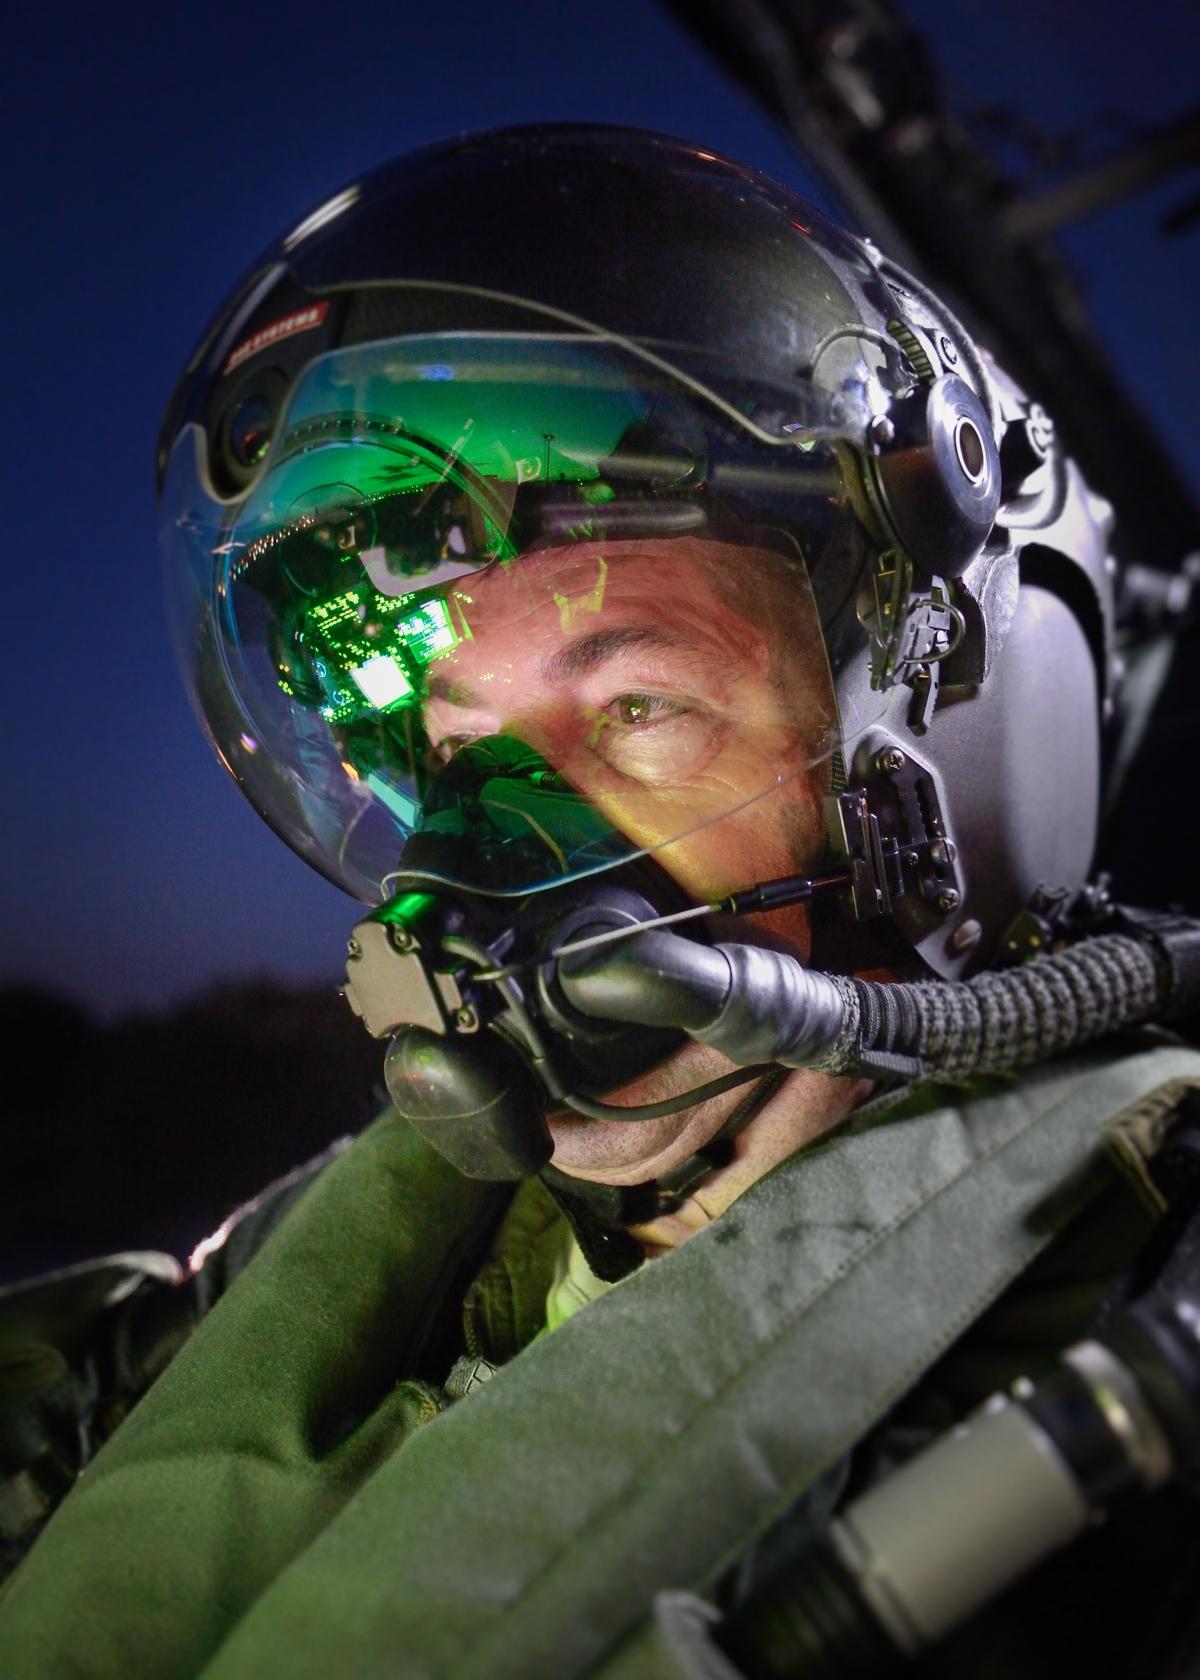 Striker II fighter pilot helmet